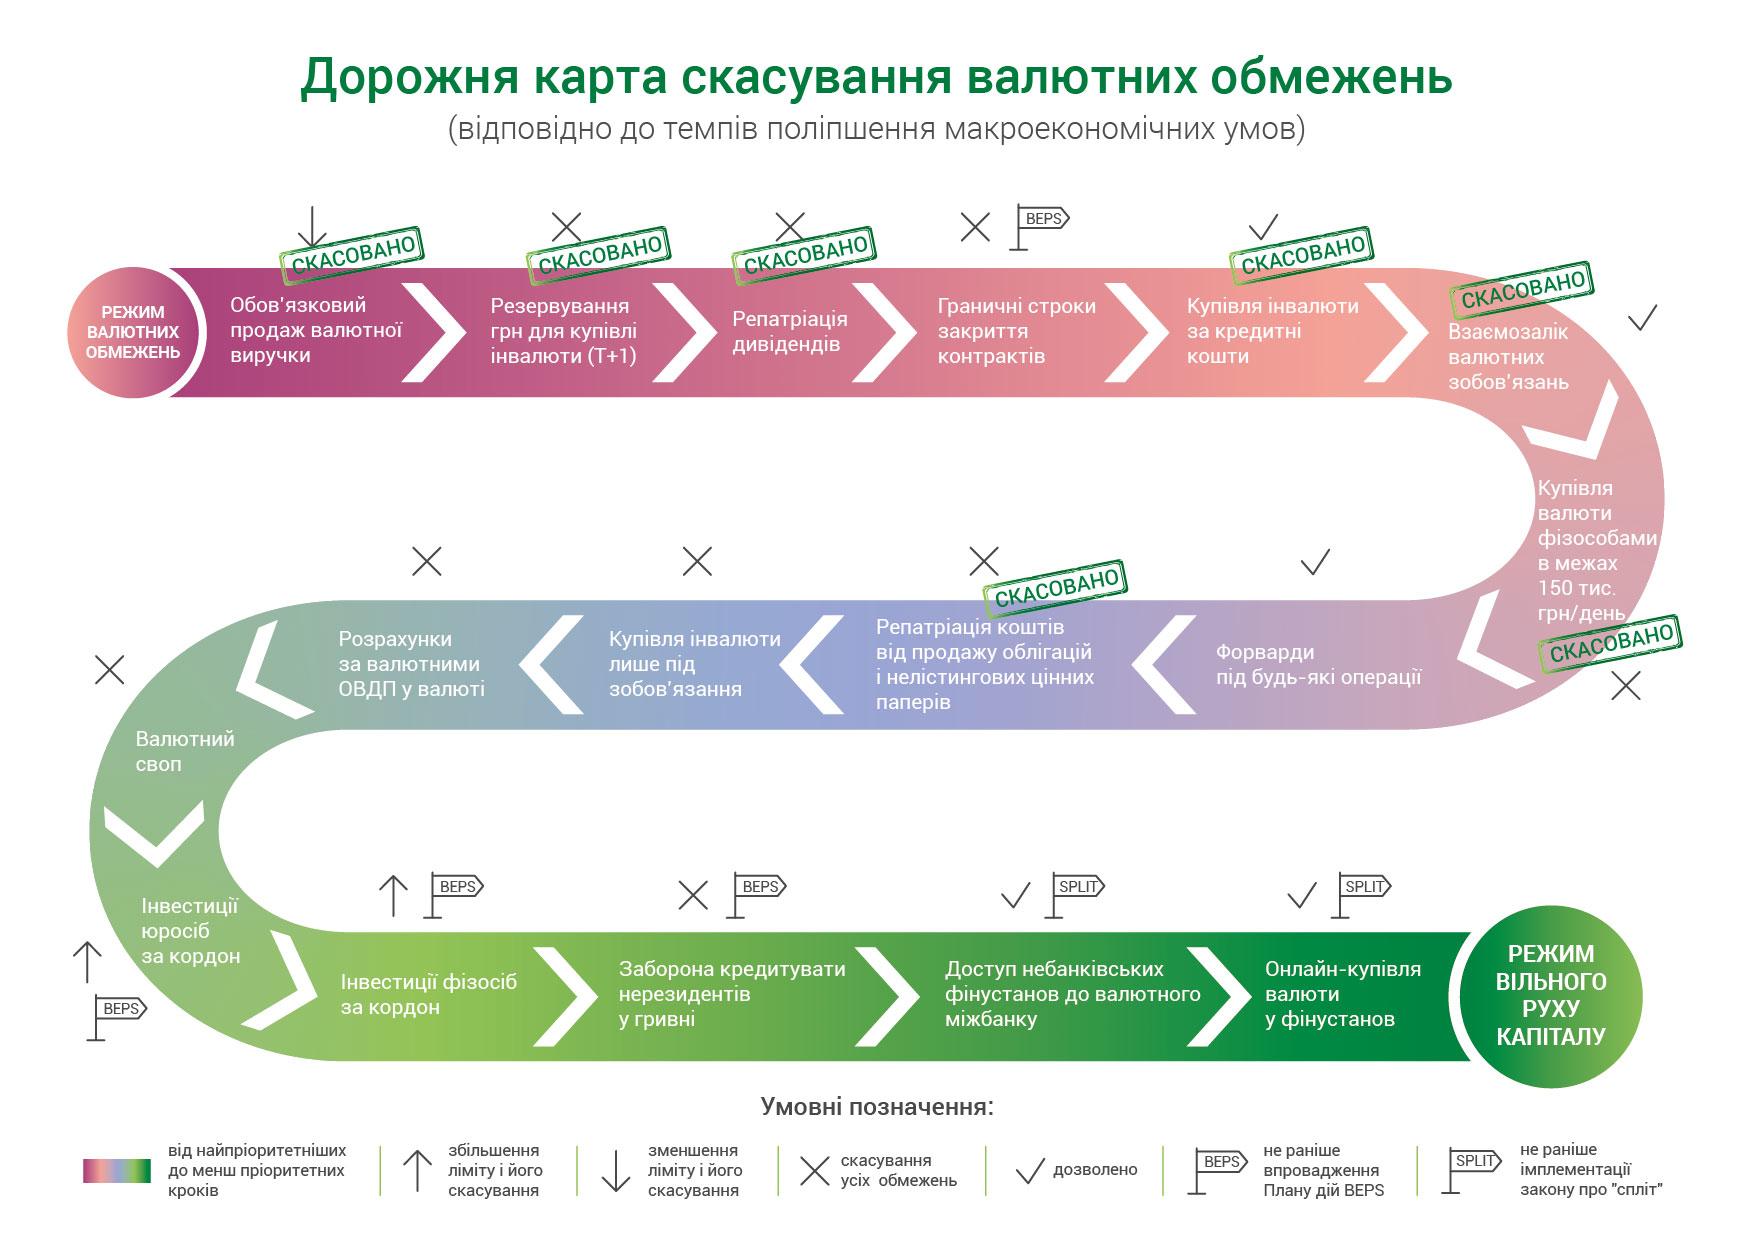 28-10-2019_dorozhnja_karta_skasuvannja_ua_1_01